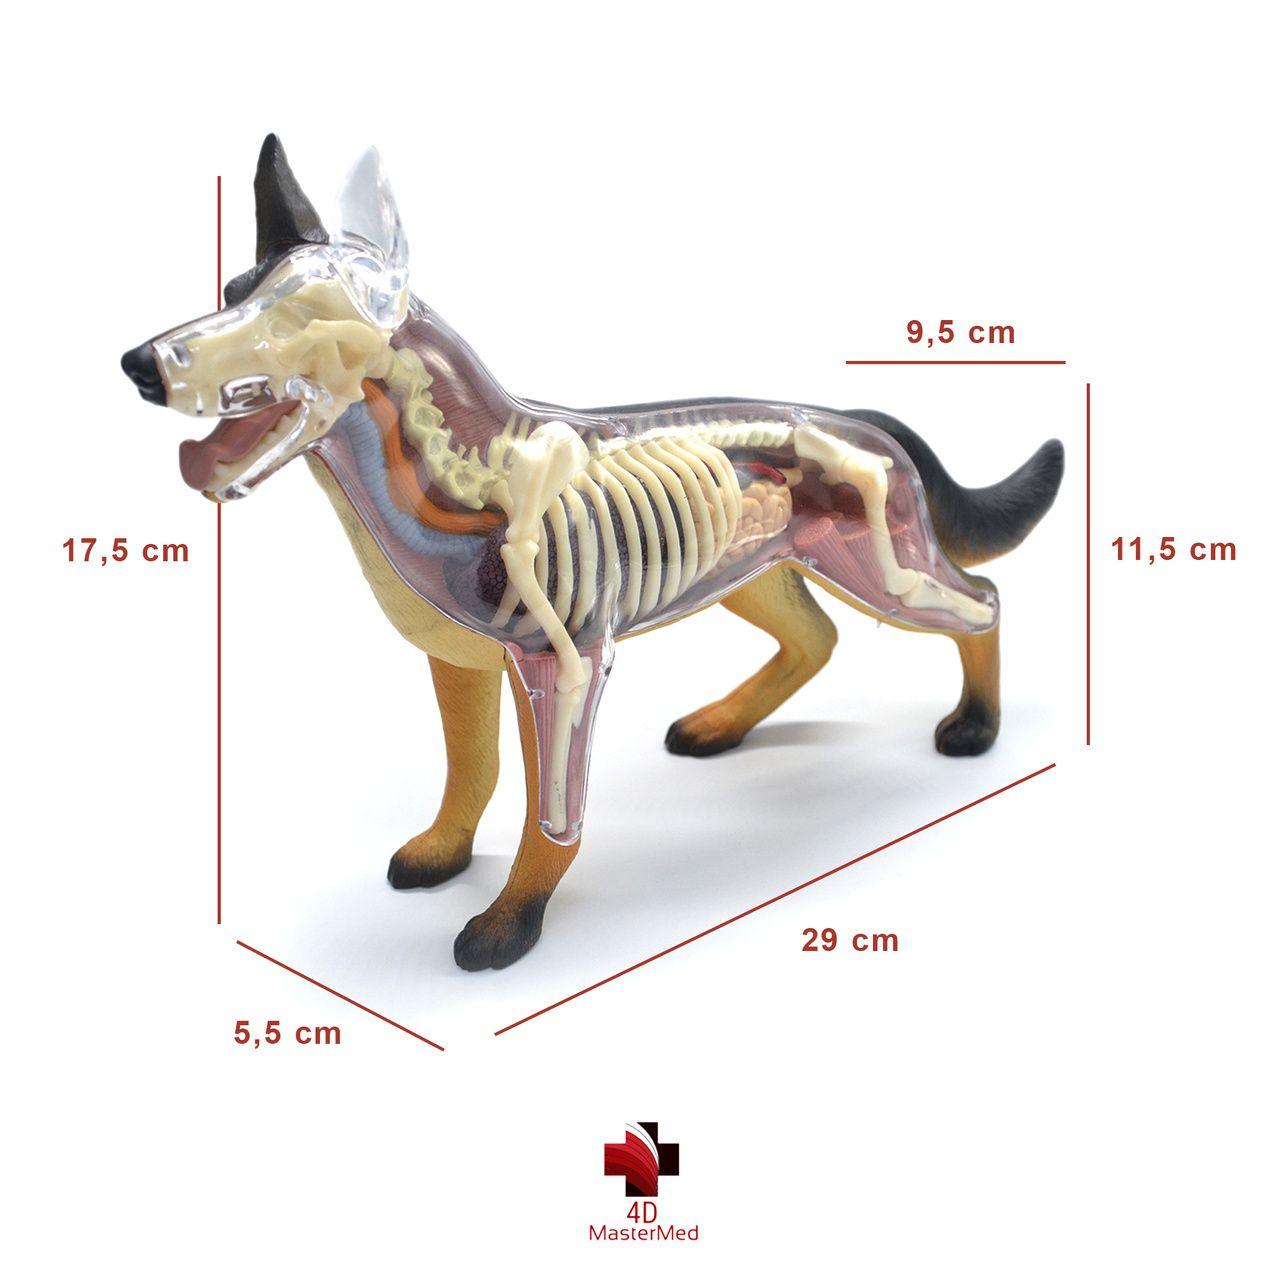 Kit Veterinário para estudo - Gato, Cachorro e Cavalo